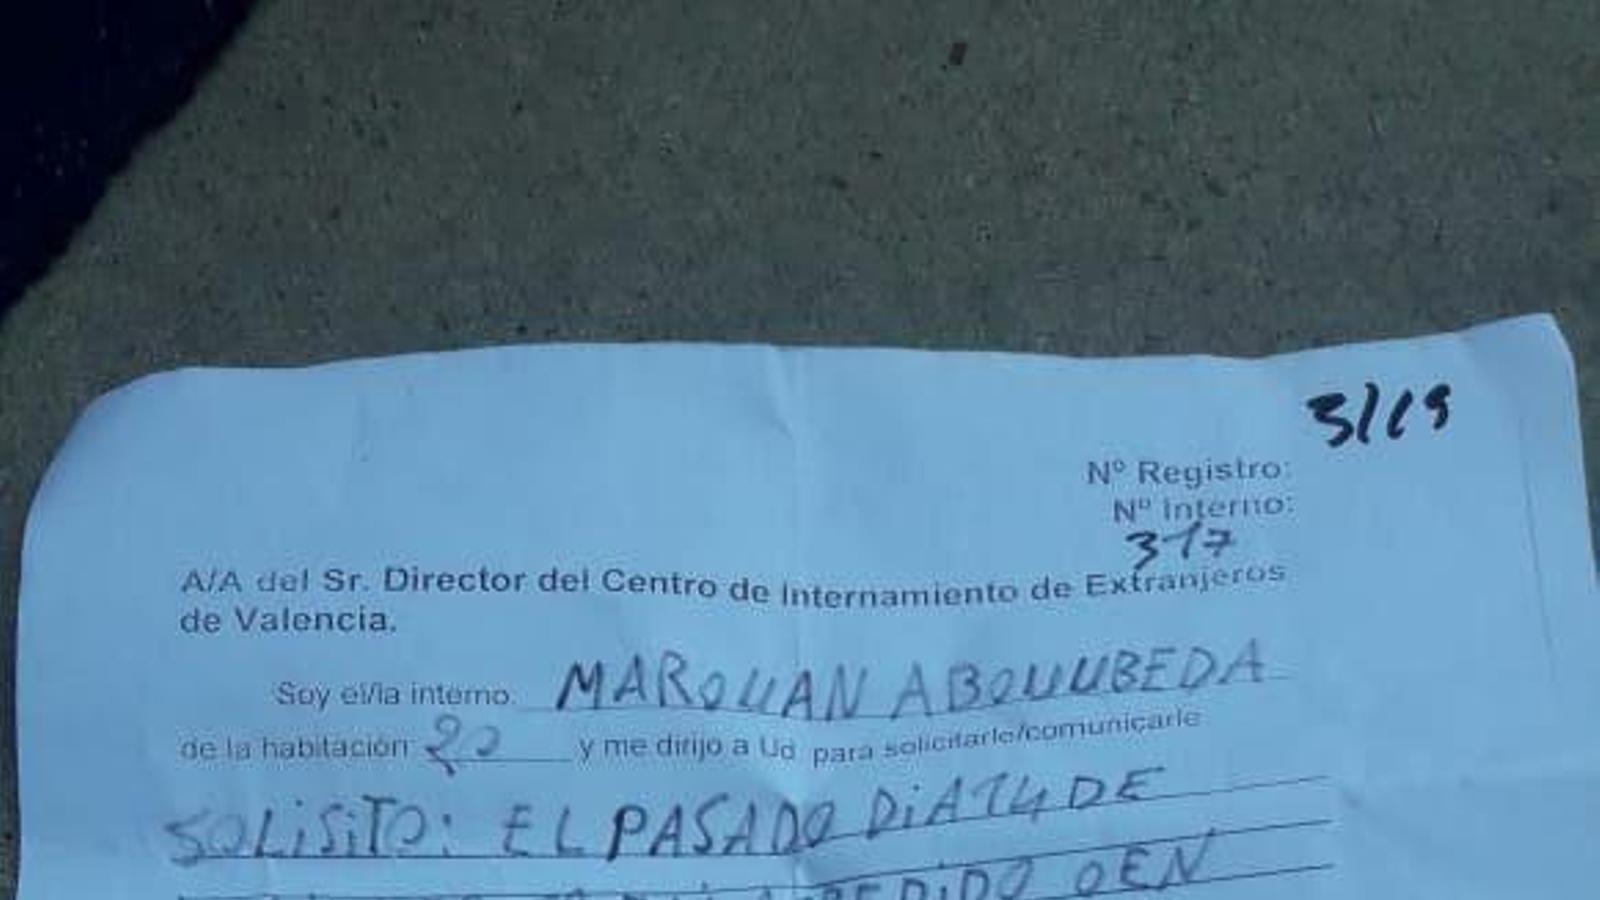 Un intern del CIE de València va denunciar que patia importants lesions fruit d'una agressió poc abans de suïcidar-se